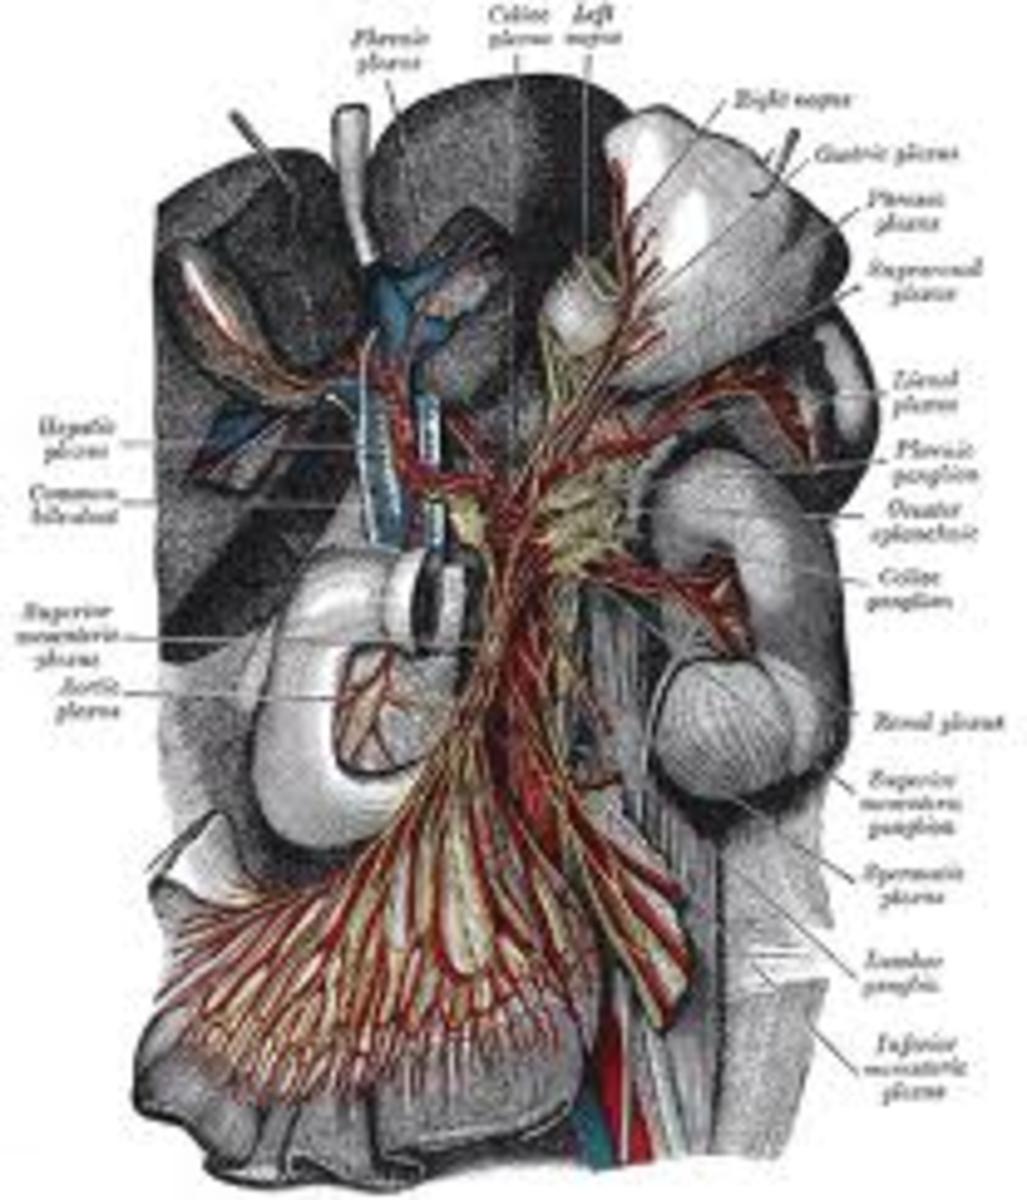 The solar plexus, celiac plexus, fourth brain, the body's life force